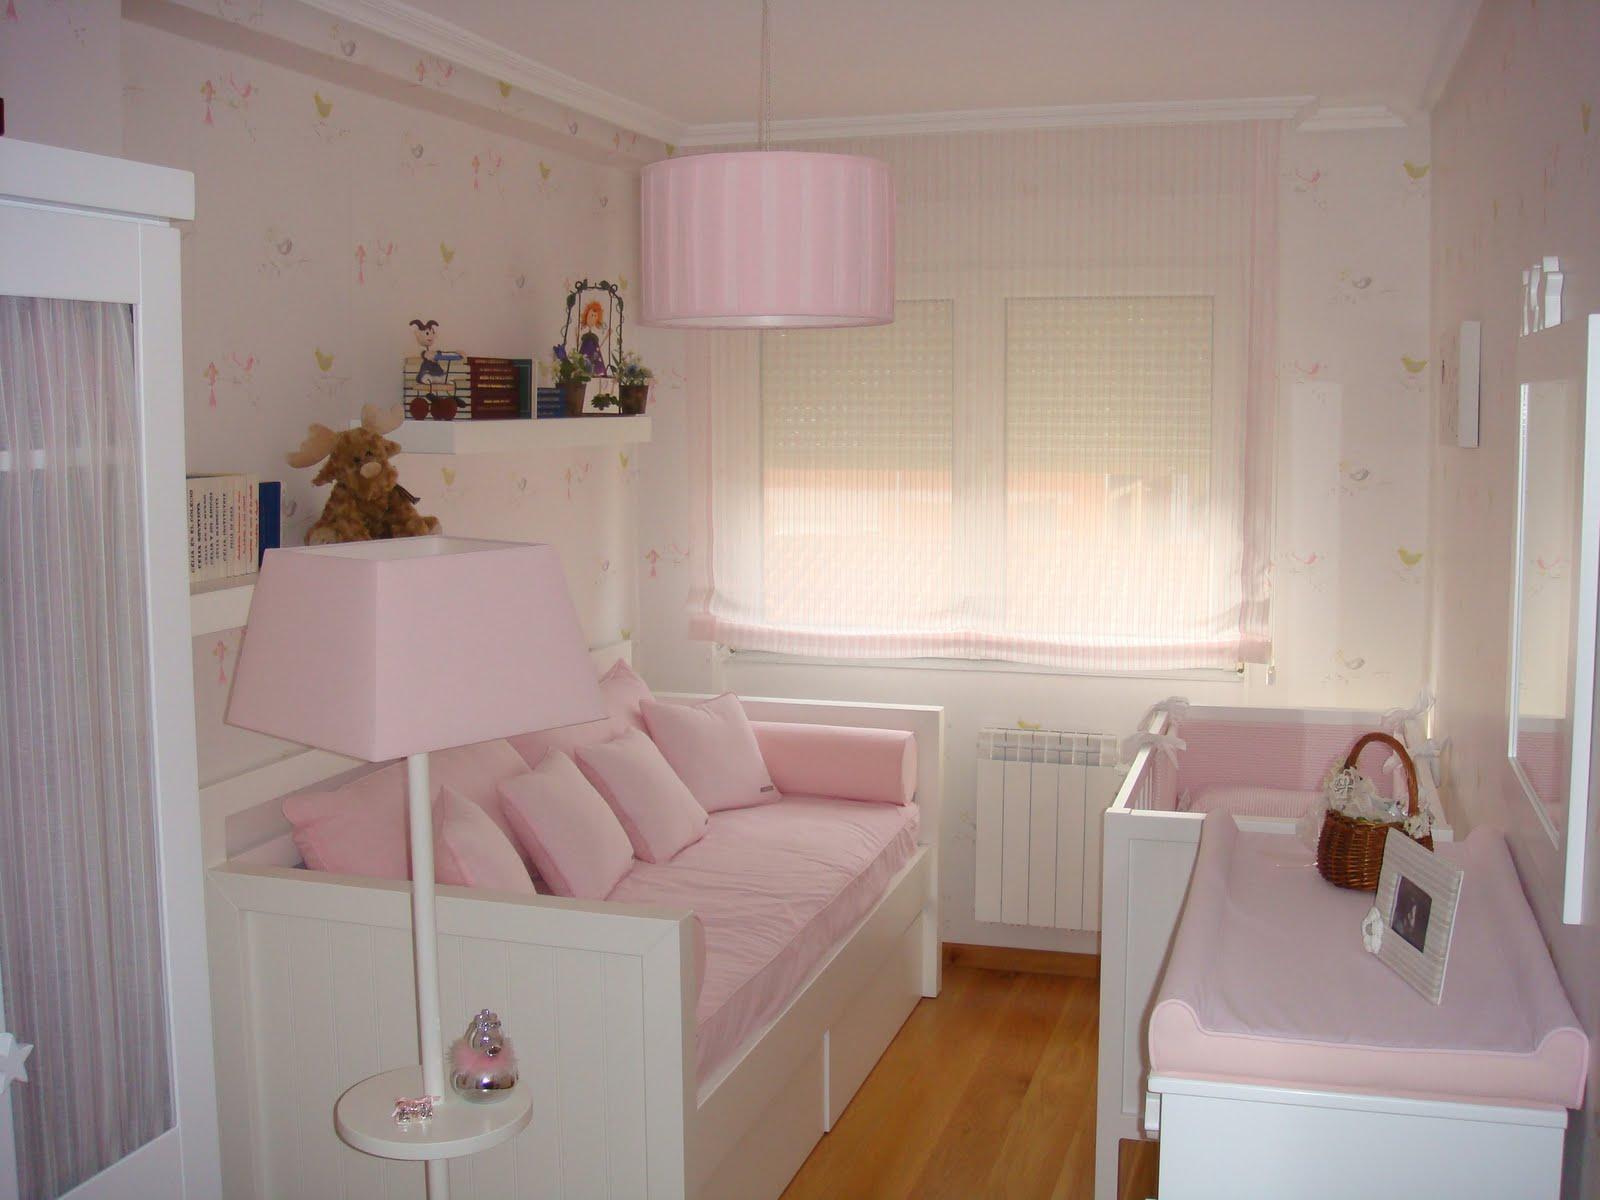 Caracolas deco la habitaci n de jimena - Habitacion para nino ...